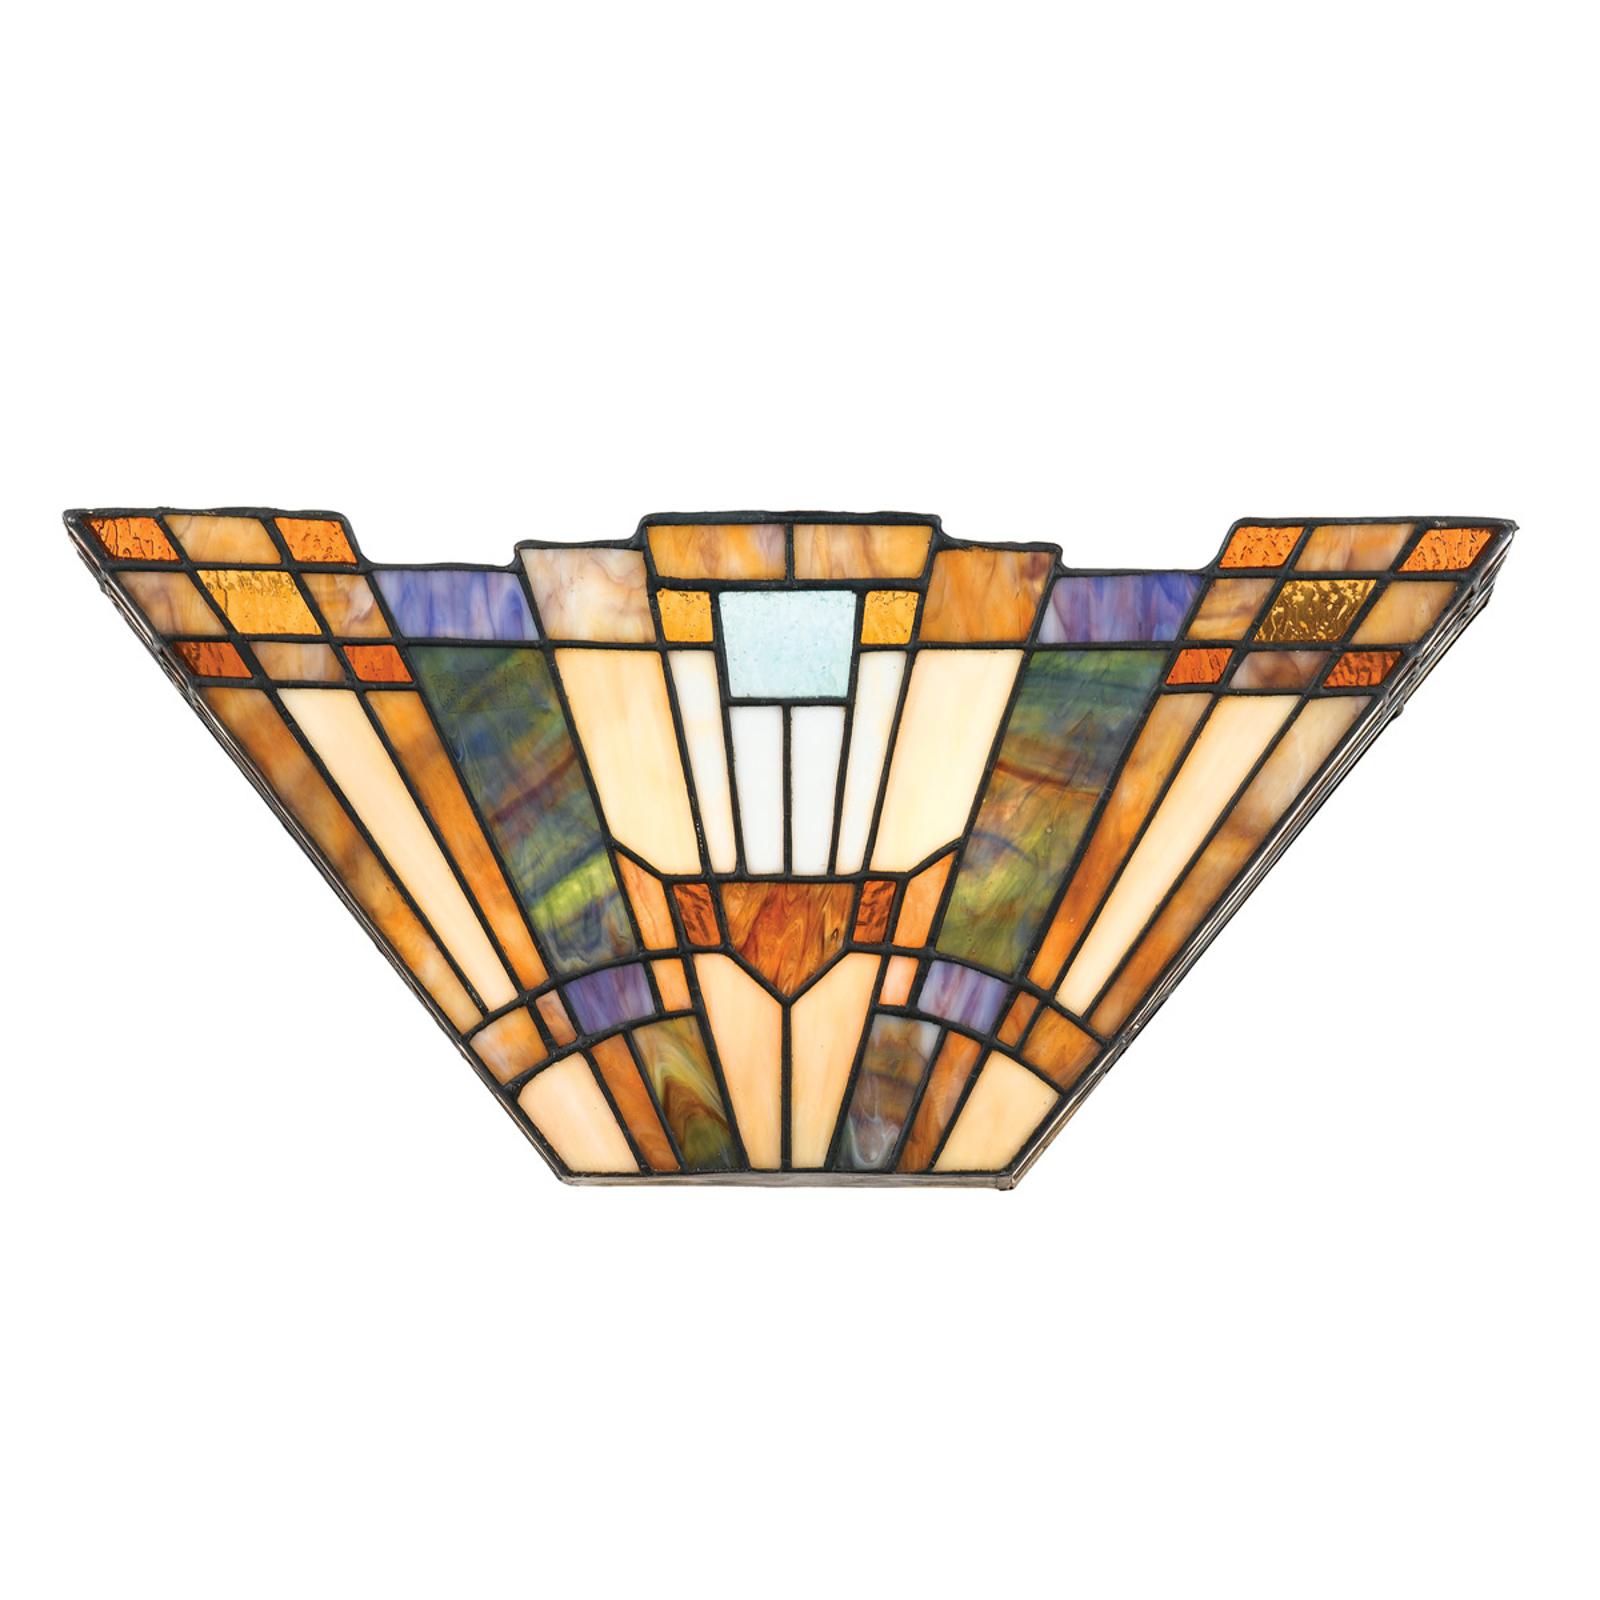 Wandlamp Inglenook met gekleurd glas